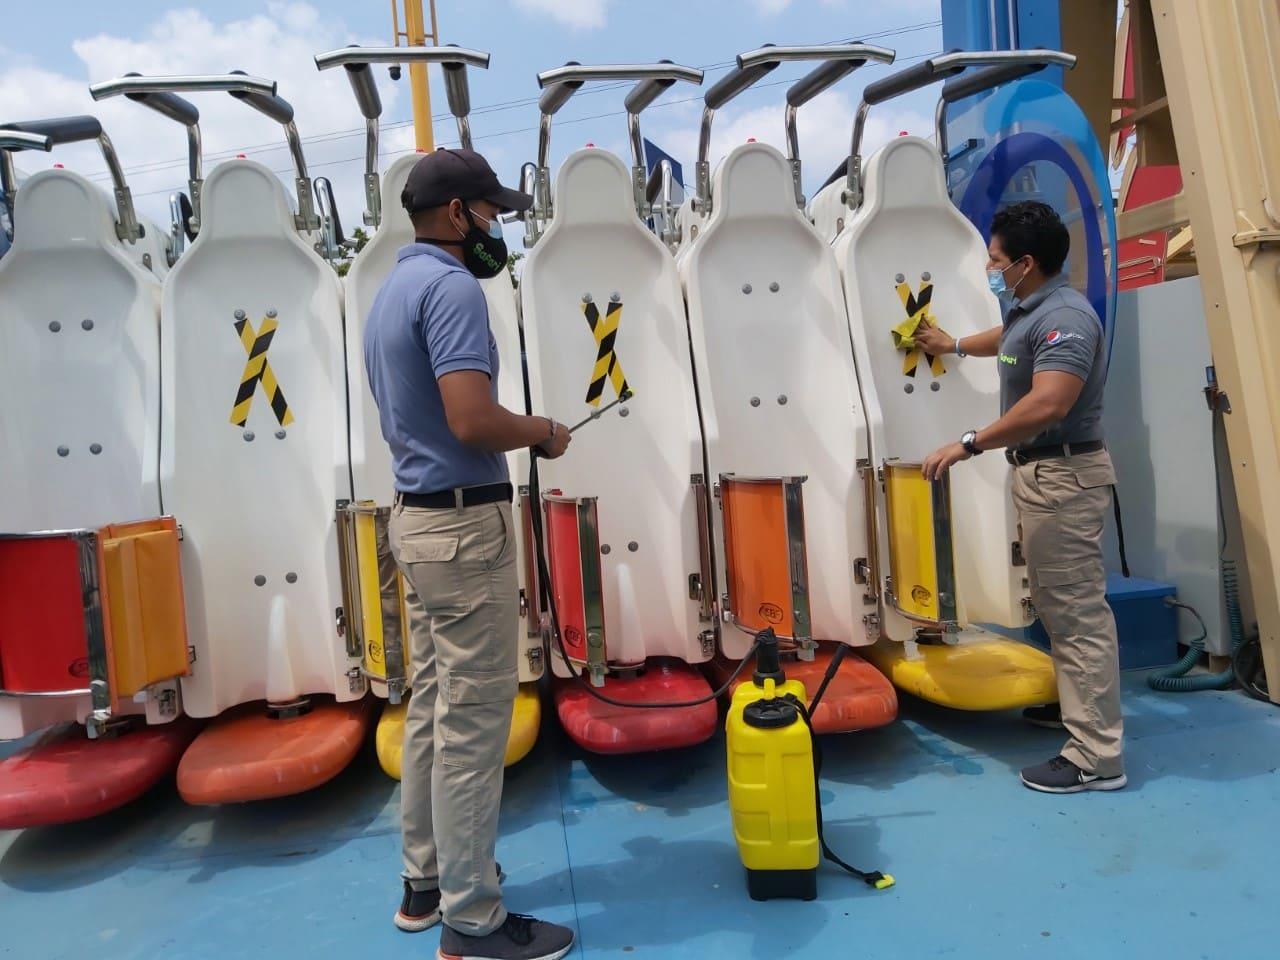 Safari Xtreme del Malecón 2000 abre sus puertas con todos los protocolos de bioseguridad